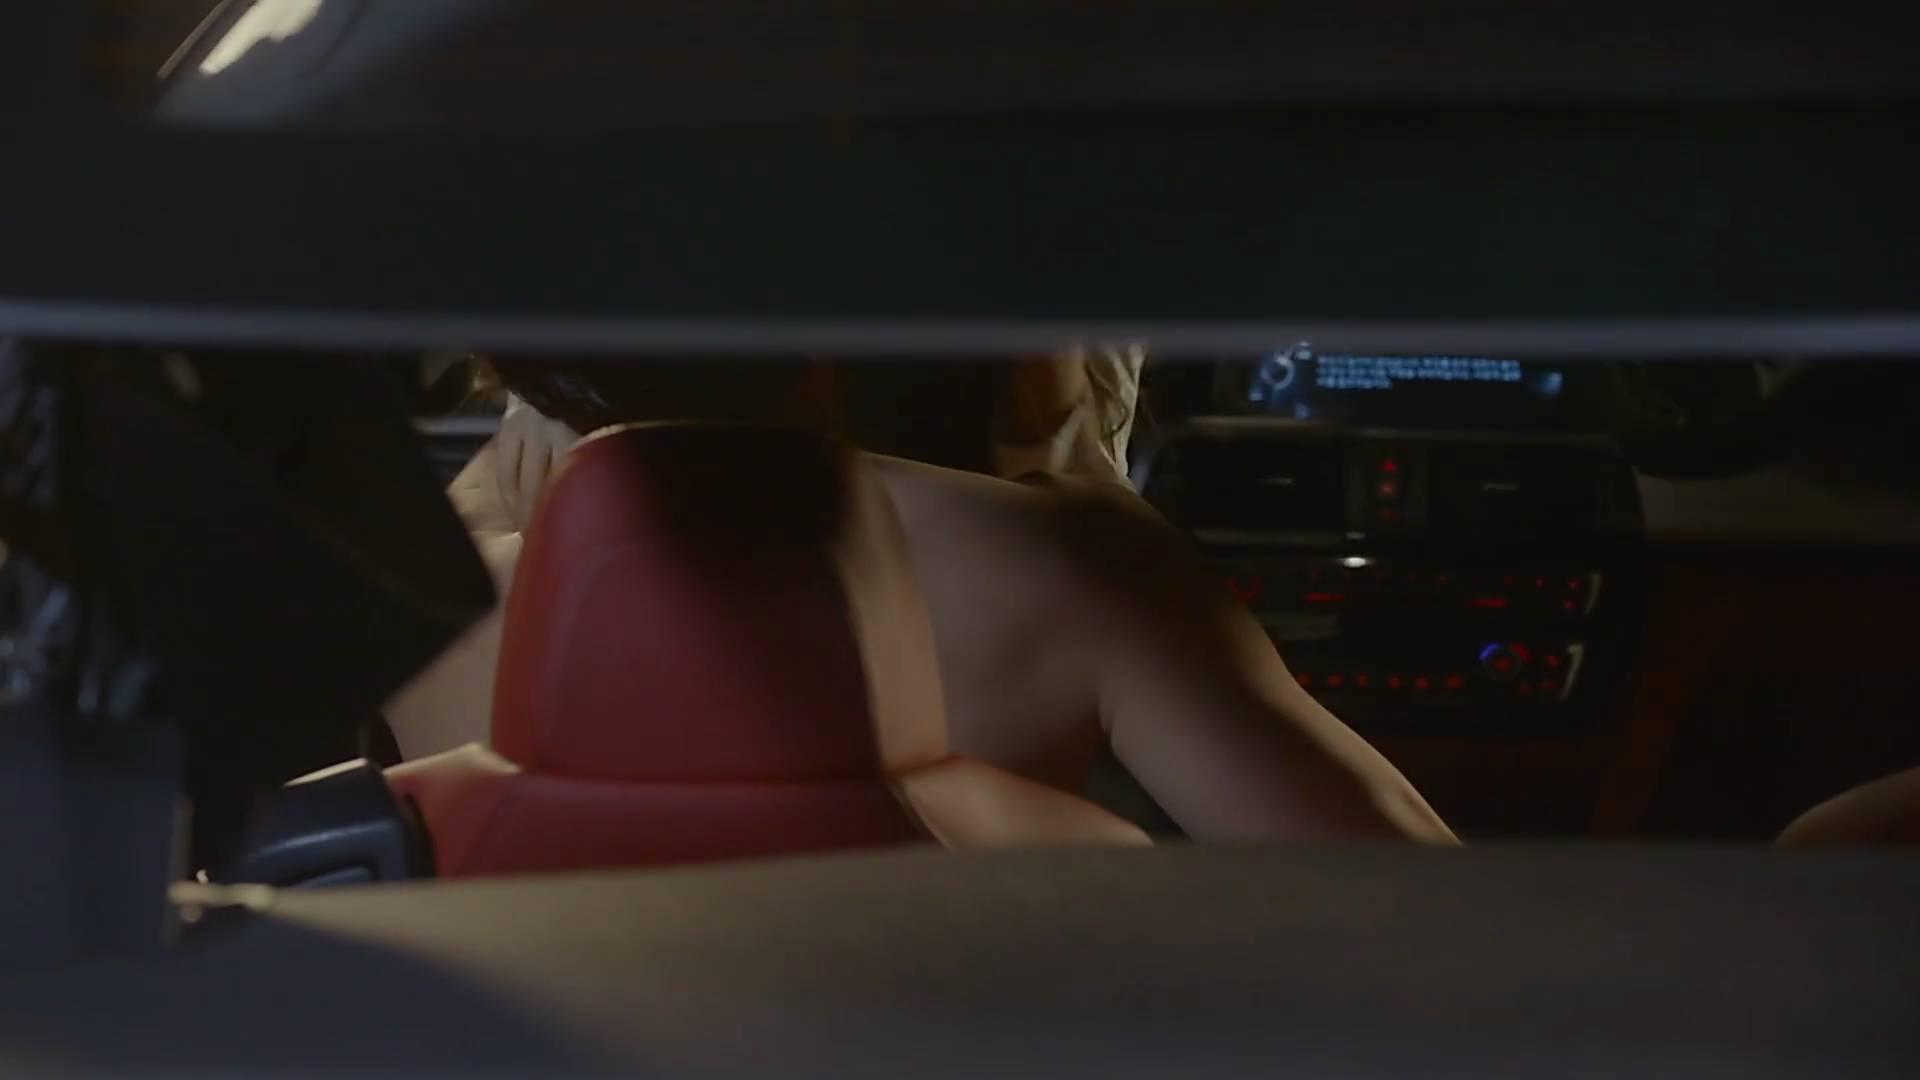 有剧情有肉的小说 女主爱看小黄文,第一集就开车露肉,剧情狗血满天飞但我就想看下去!